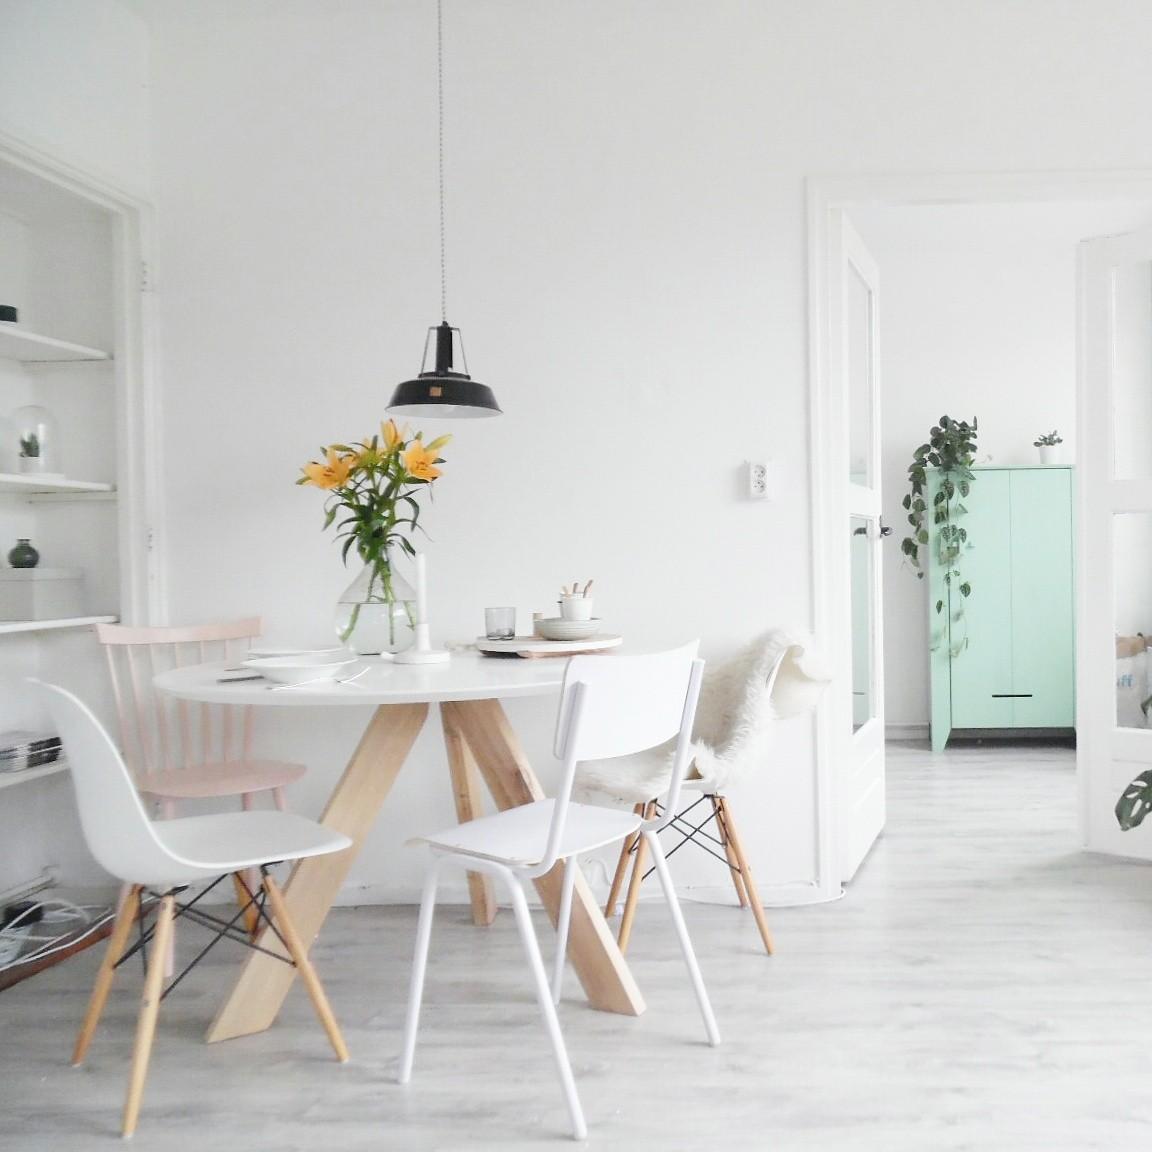 Ronde eettafel mat wit | Aktie wonen.nl Zevenaar